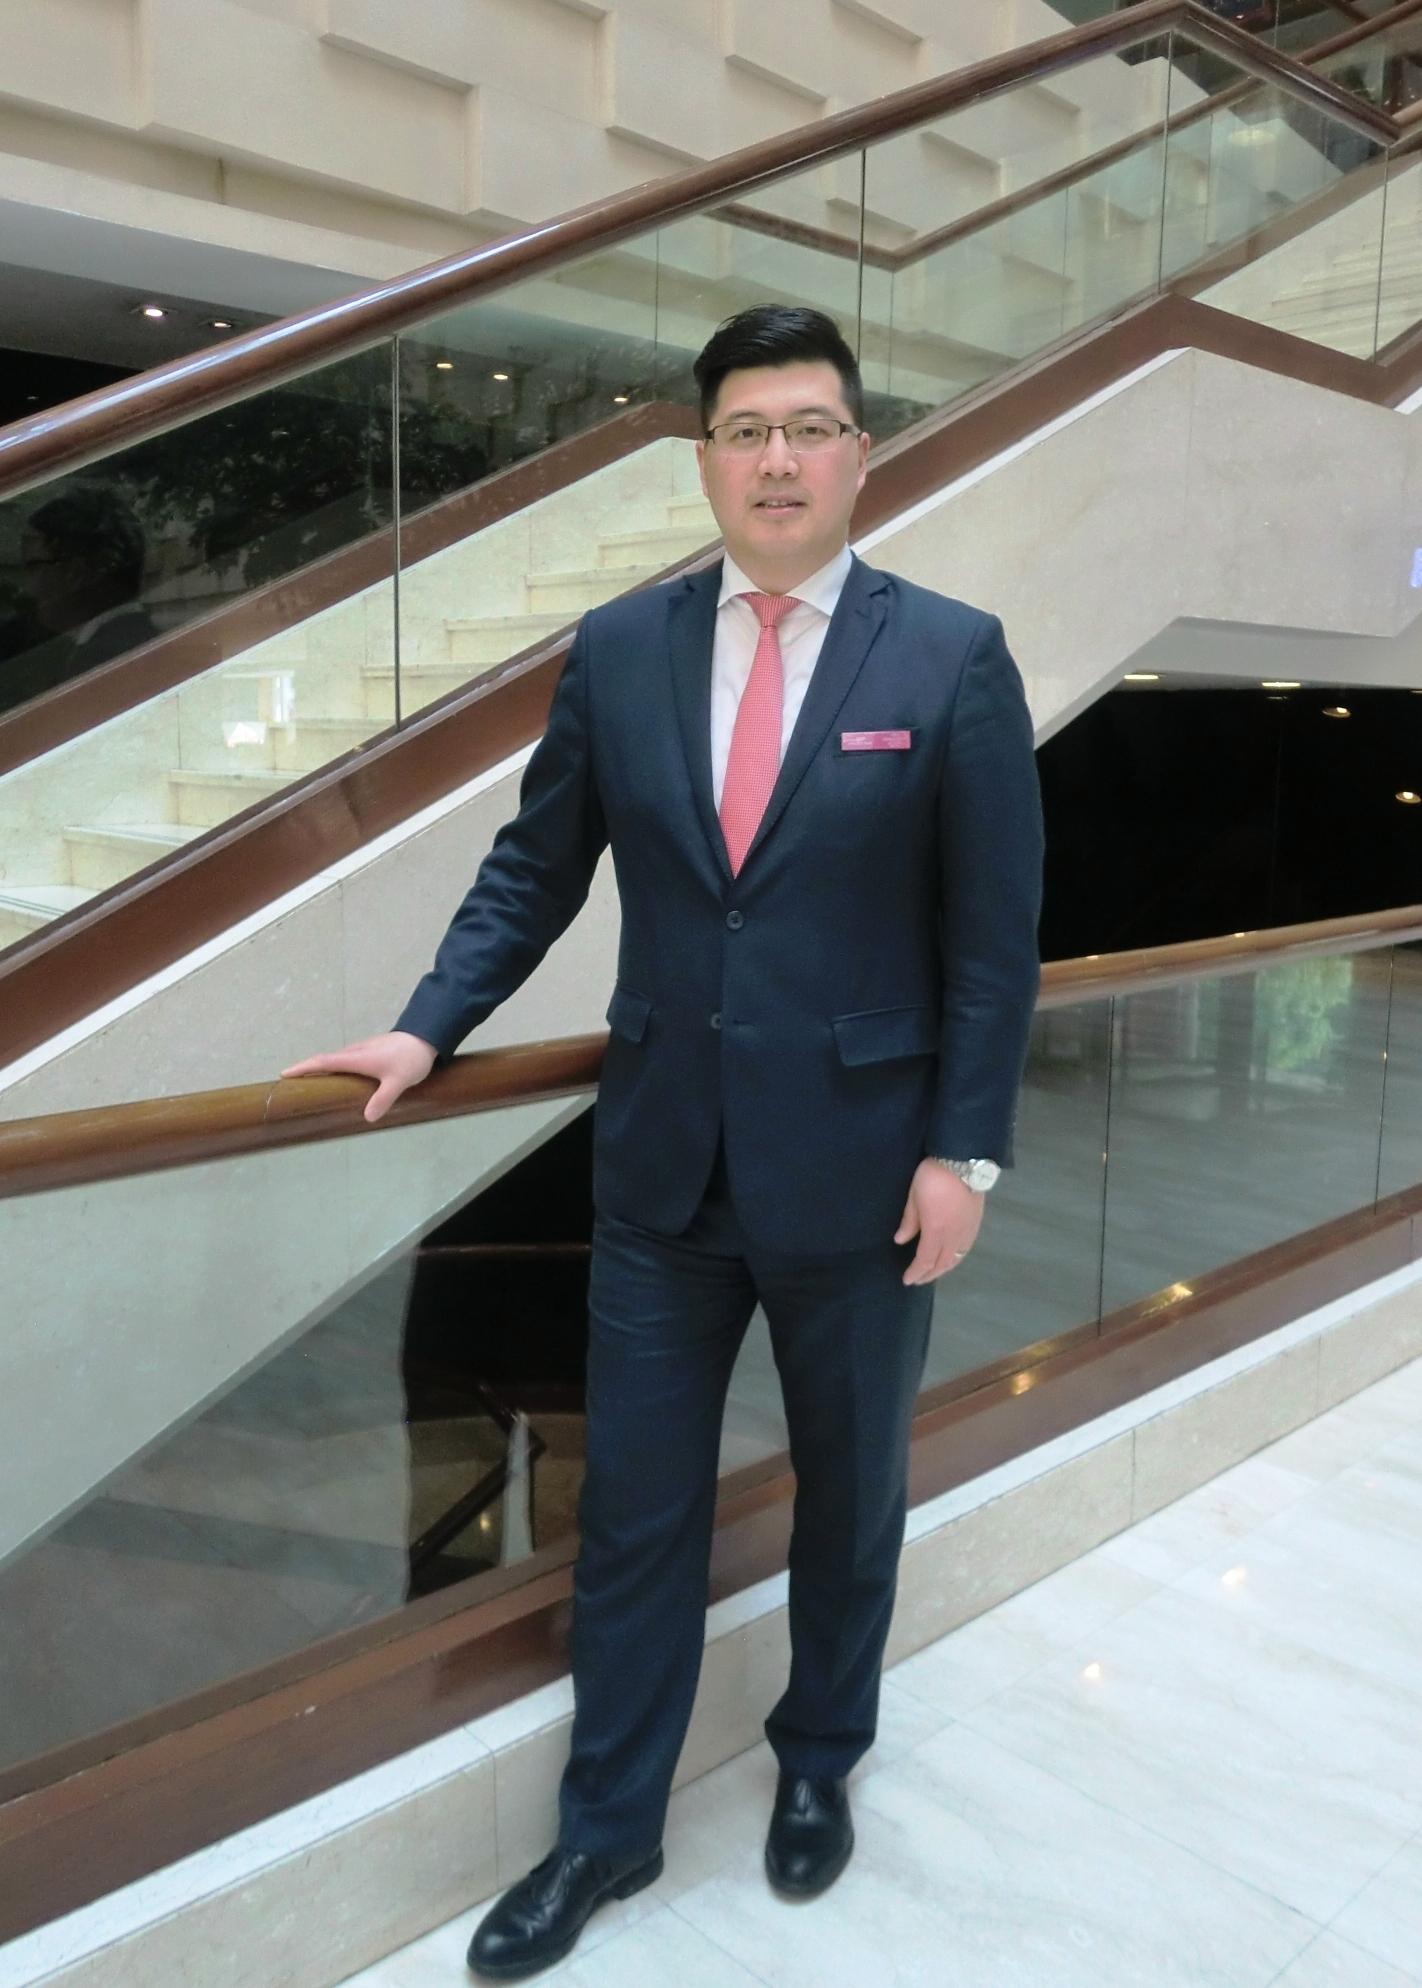 范生伟先生就任北京国际艺苑皇冠假日酒店餐饮部总监